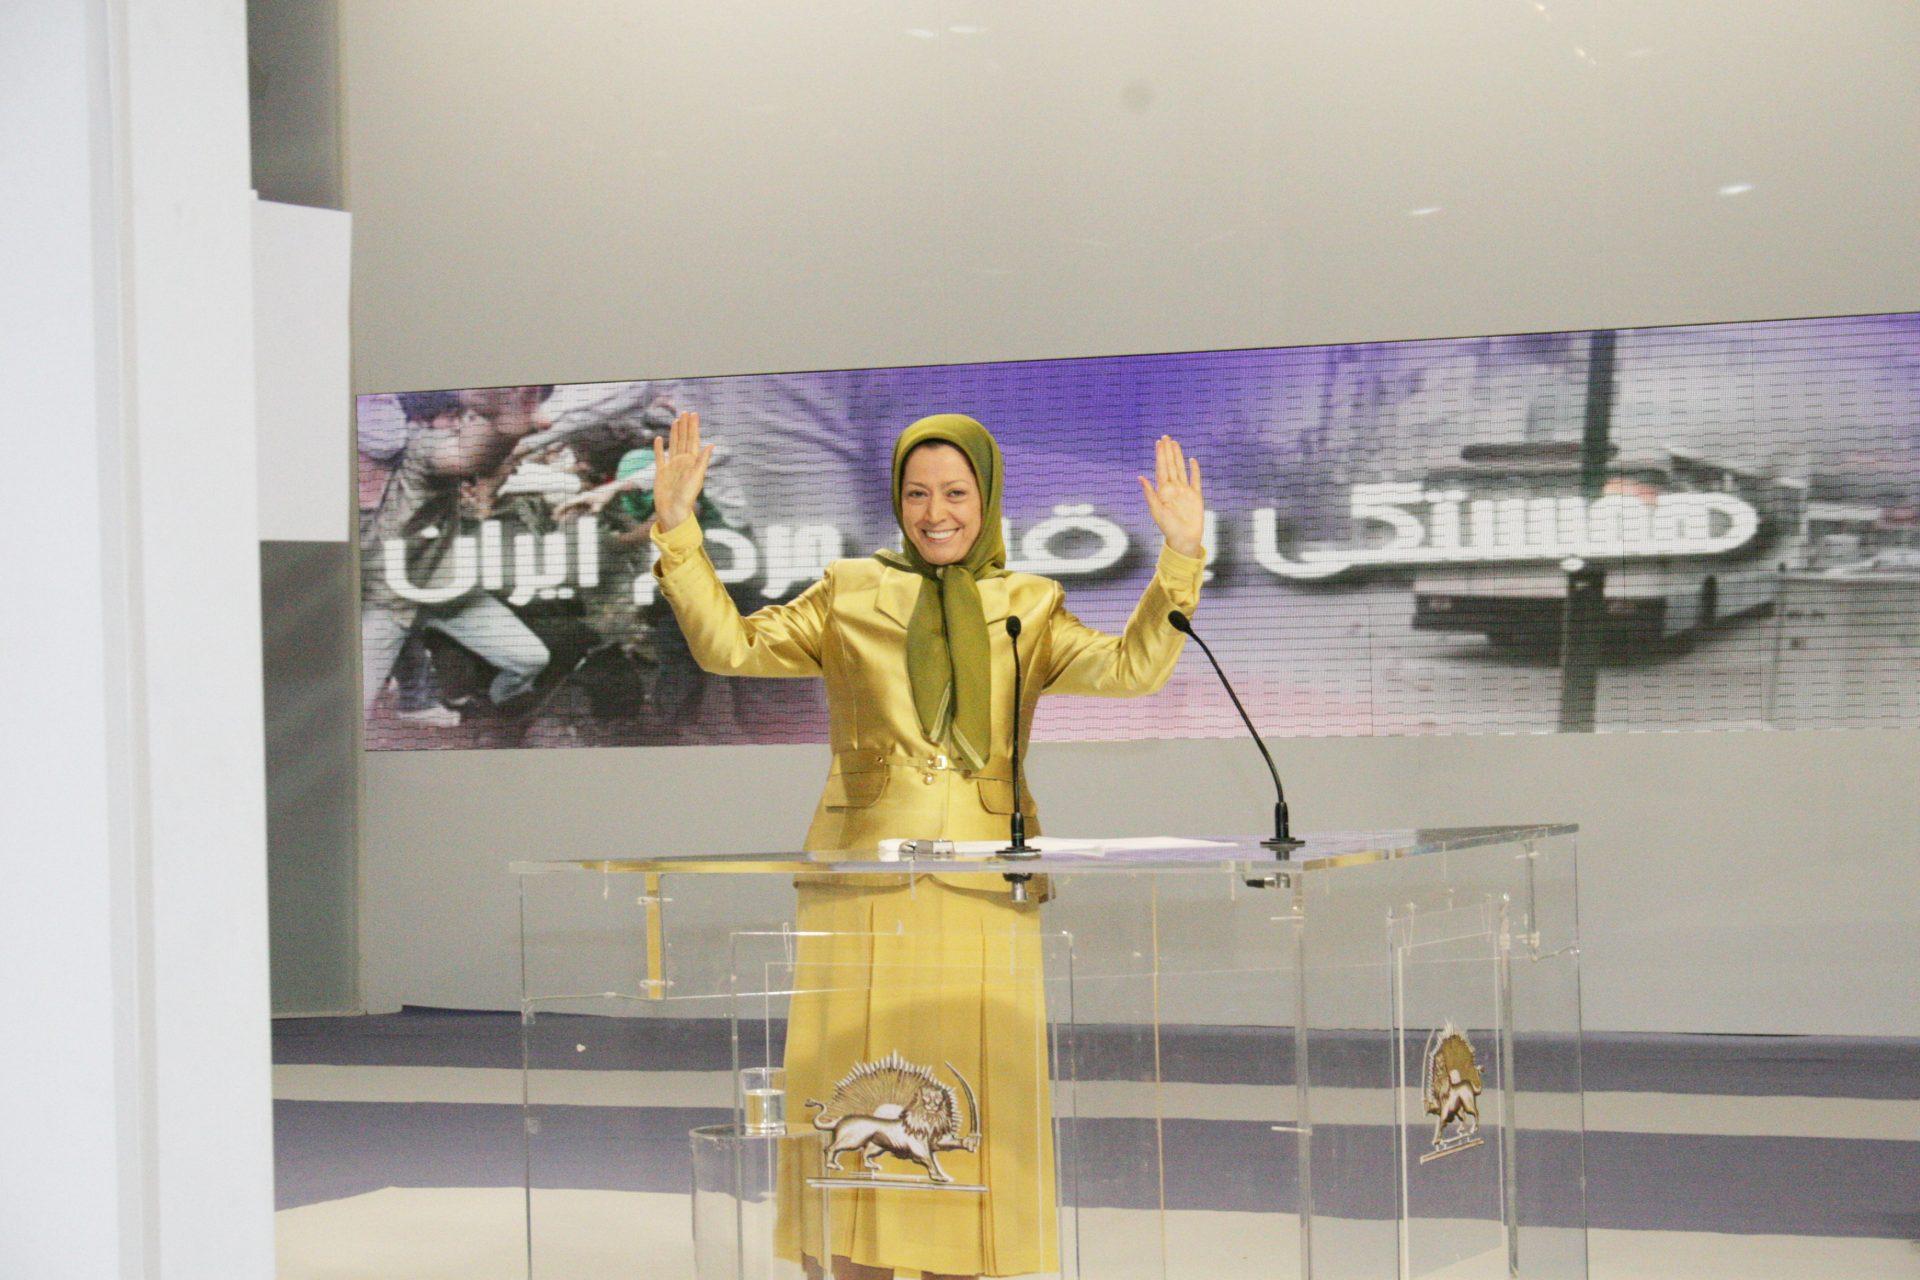 سخنرانی در اجتماع ایرانیان در پاریس ویلپنت